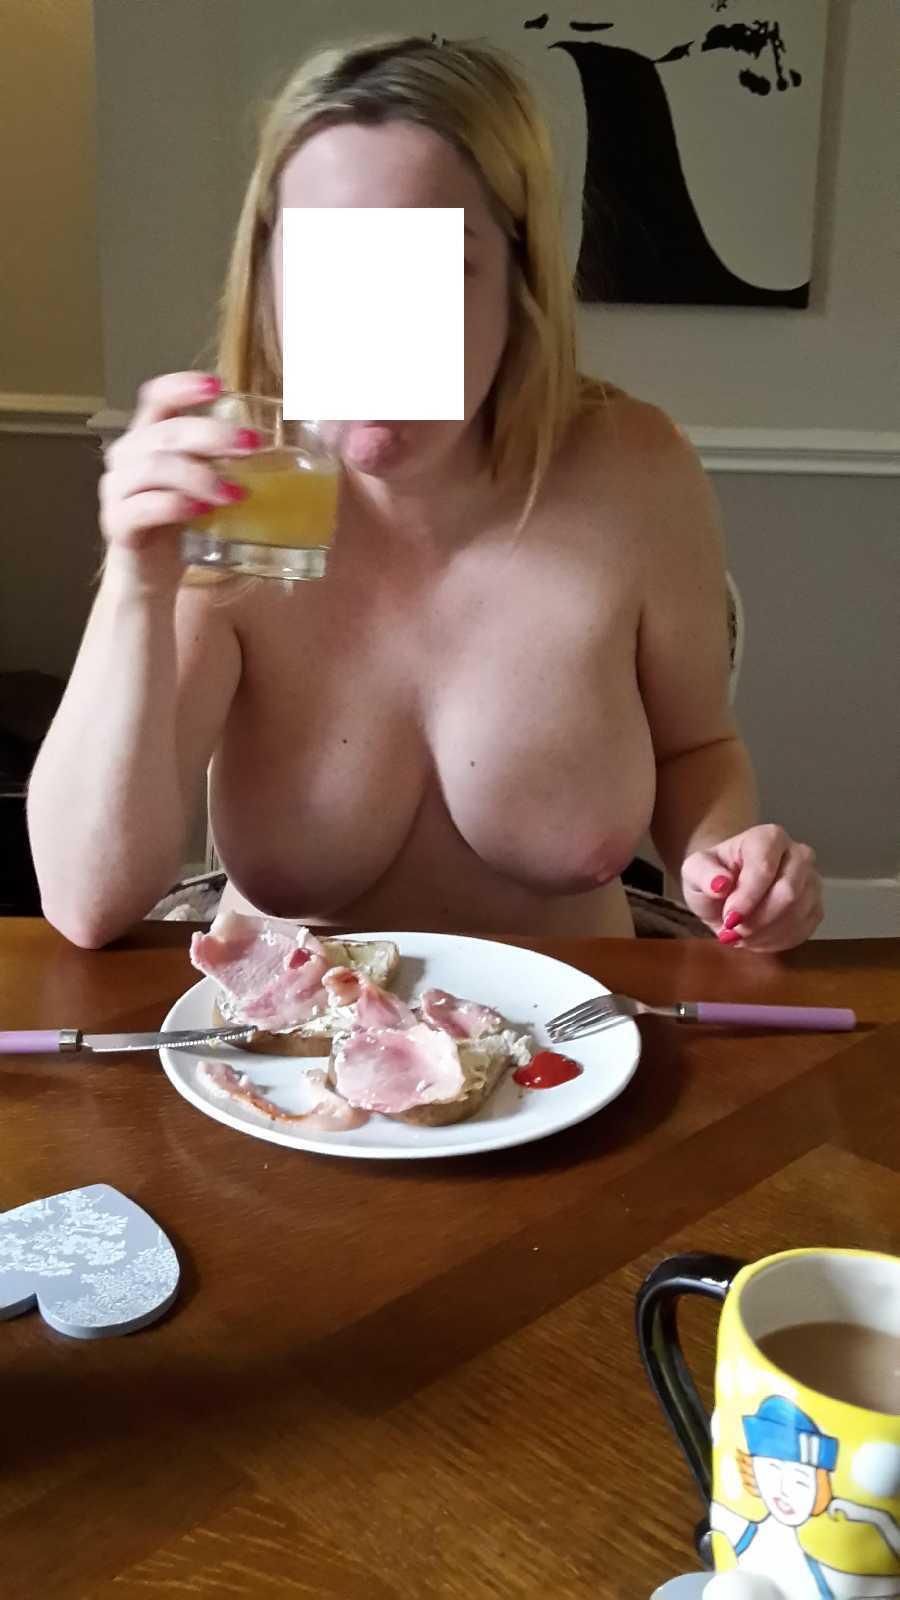 Breakfast & Boobs